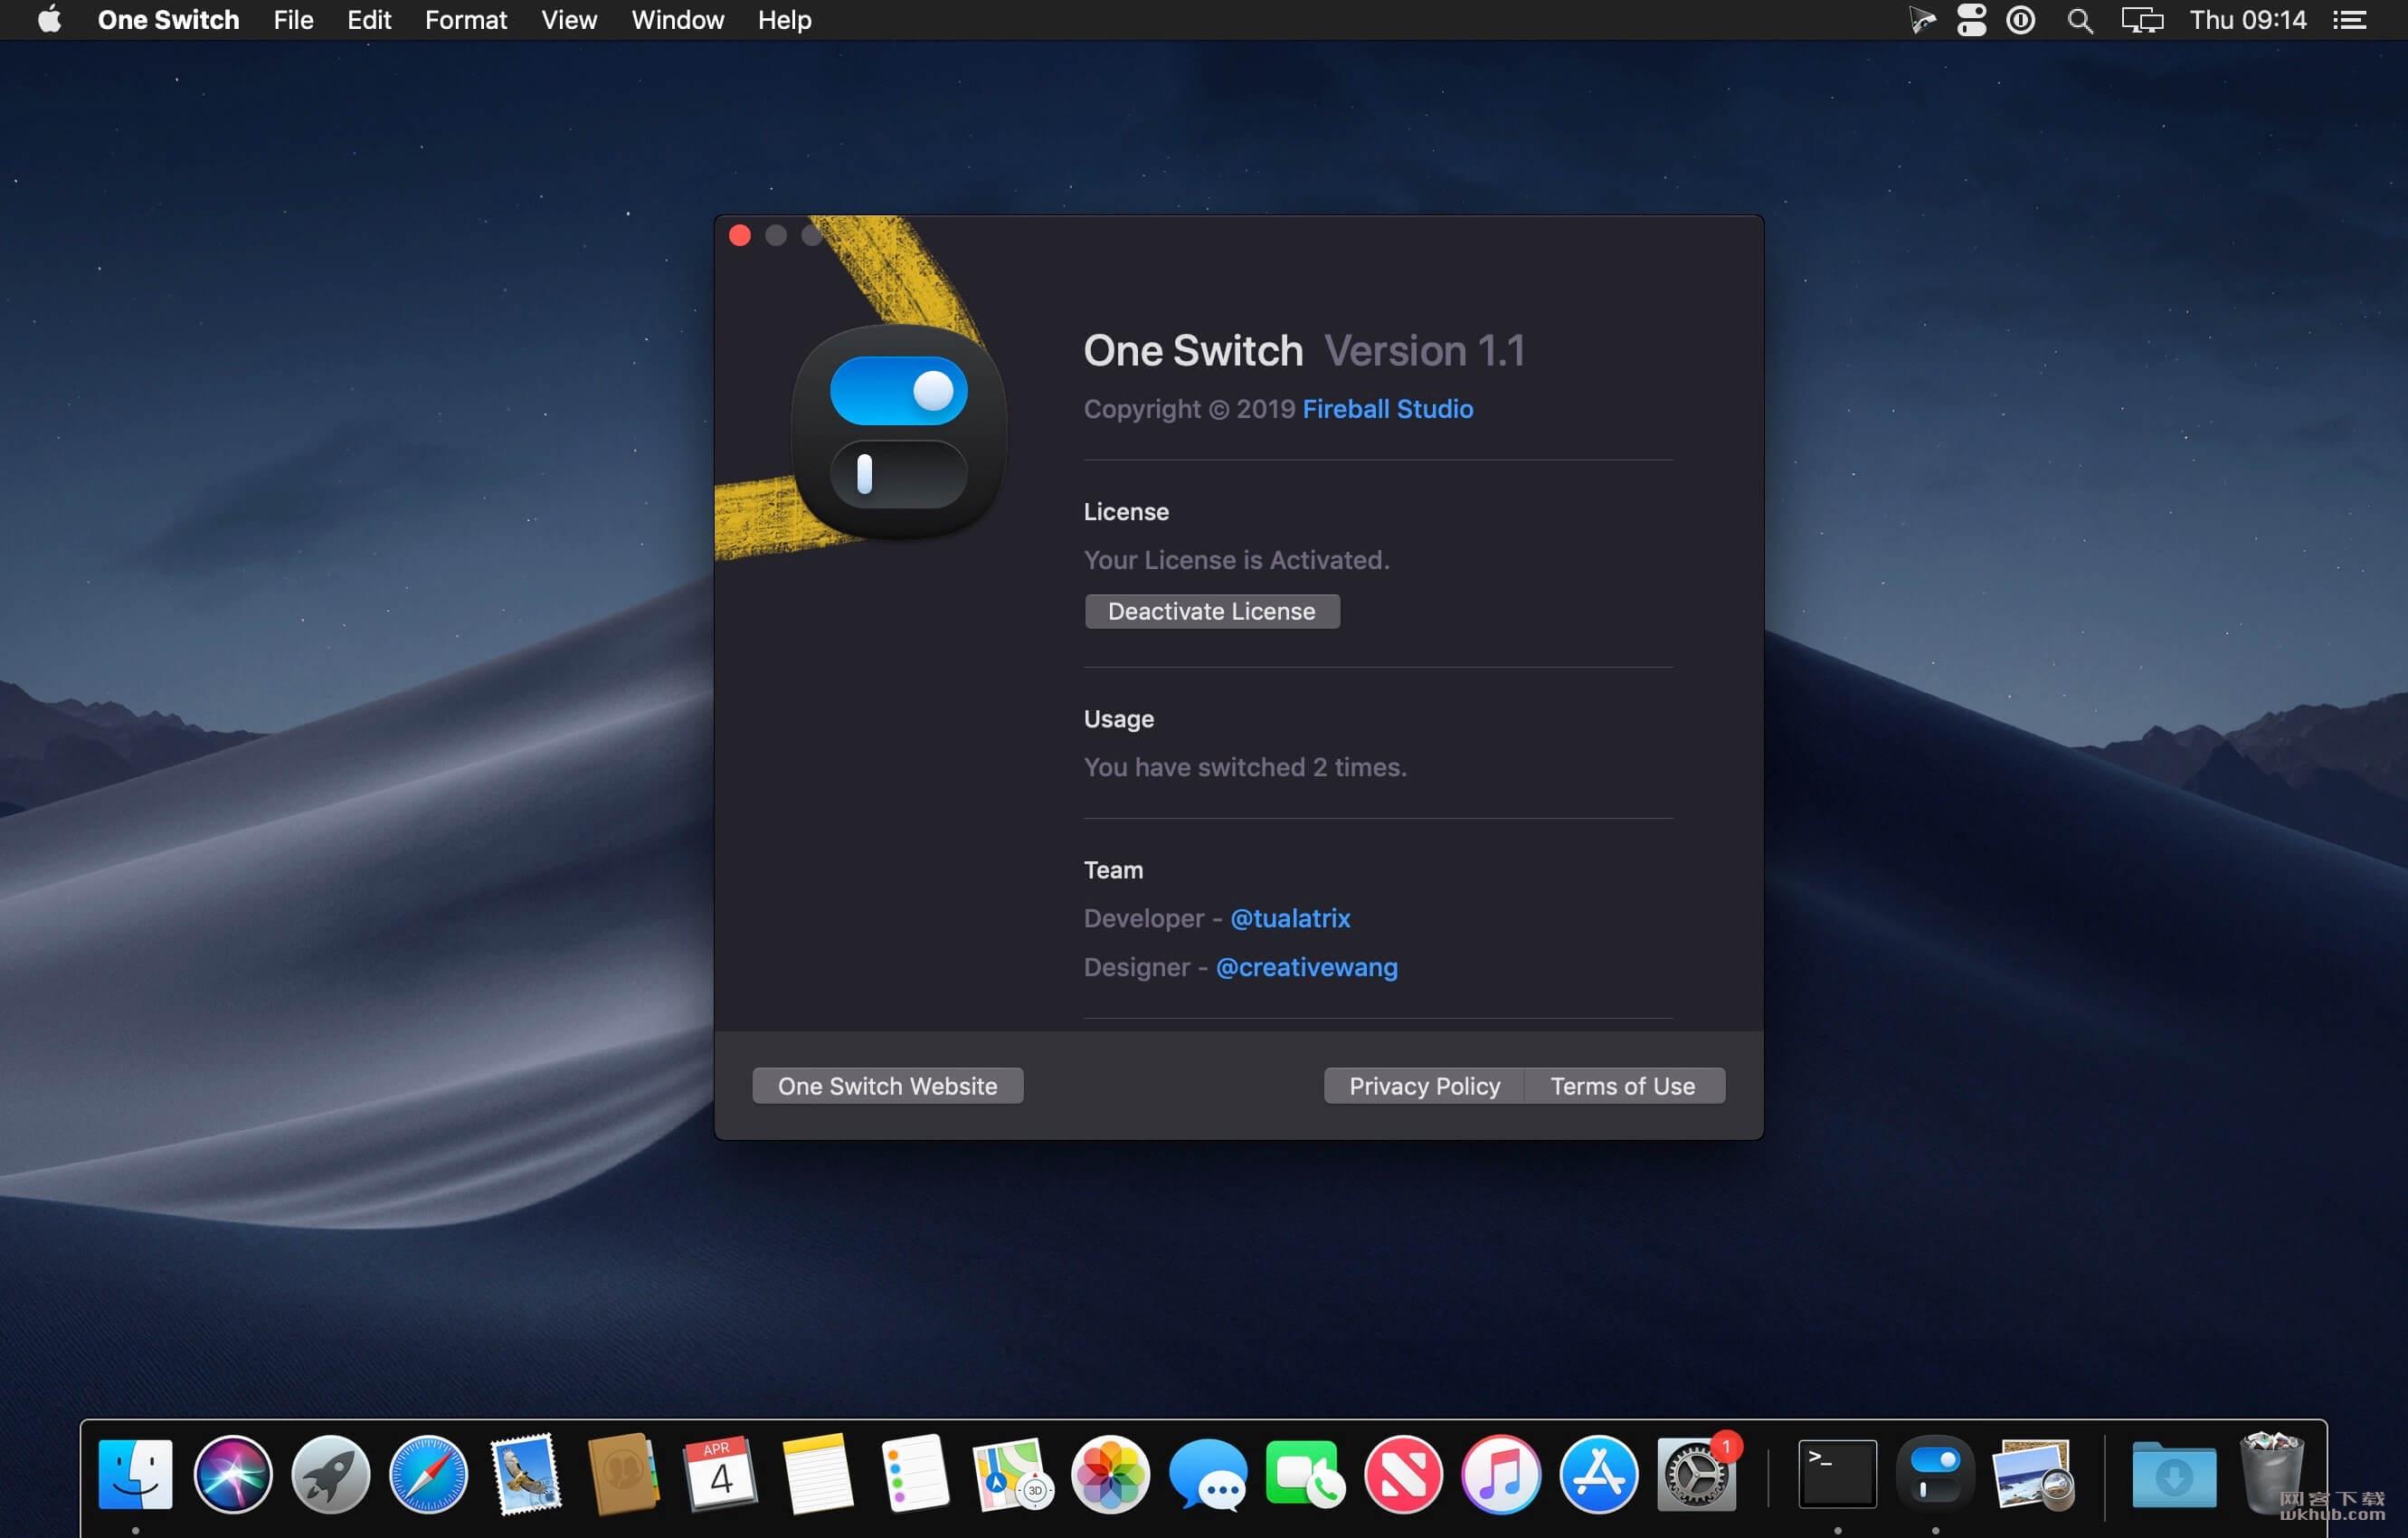 One Switch 1.1 系统功能快速切换工具